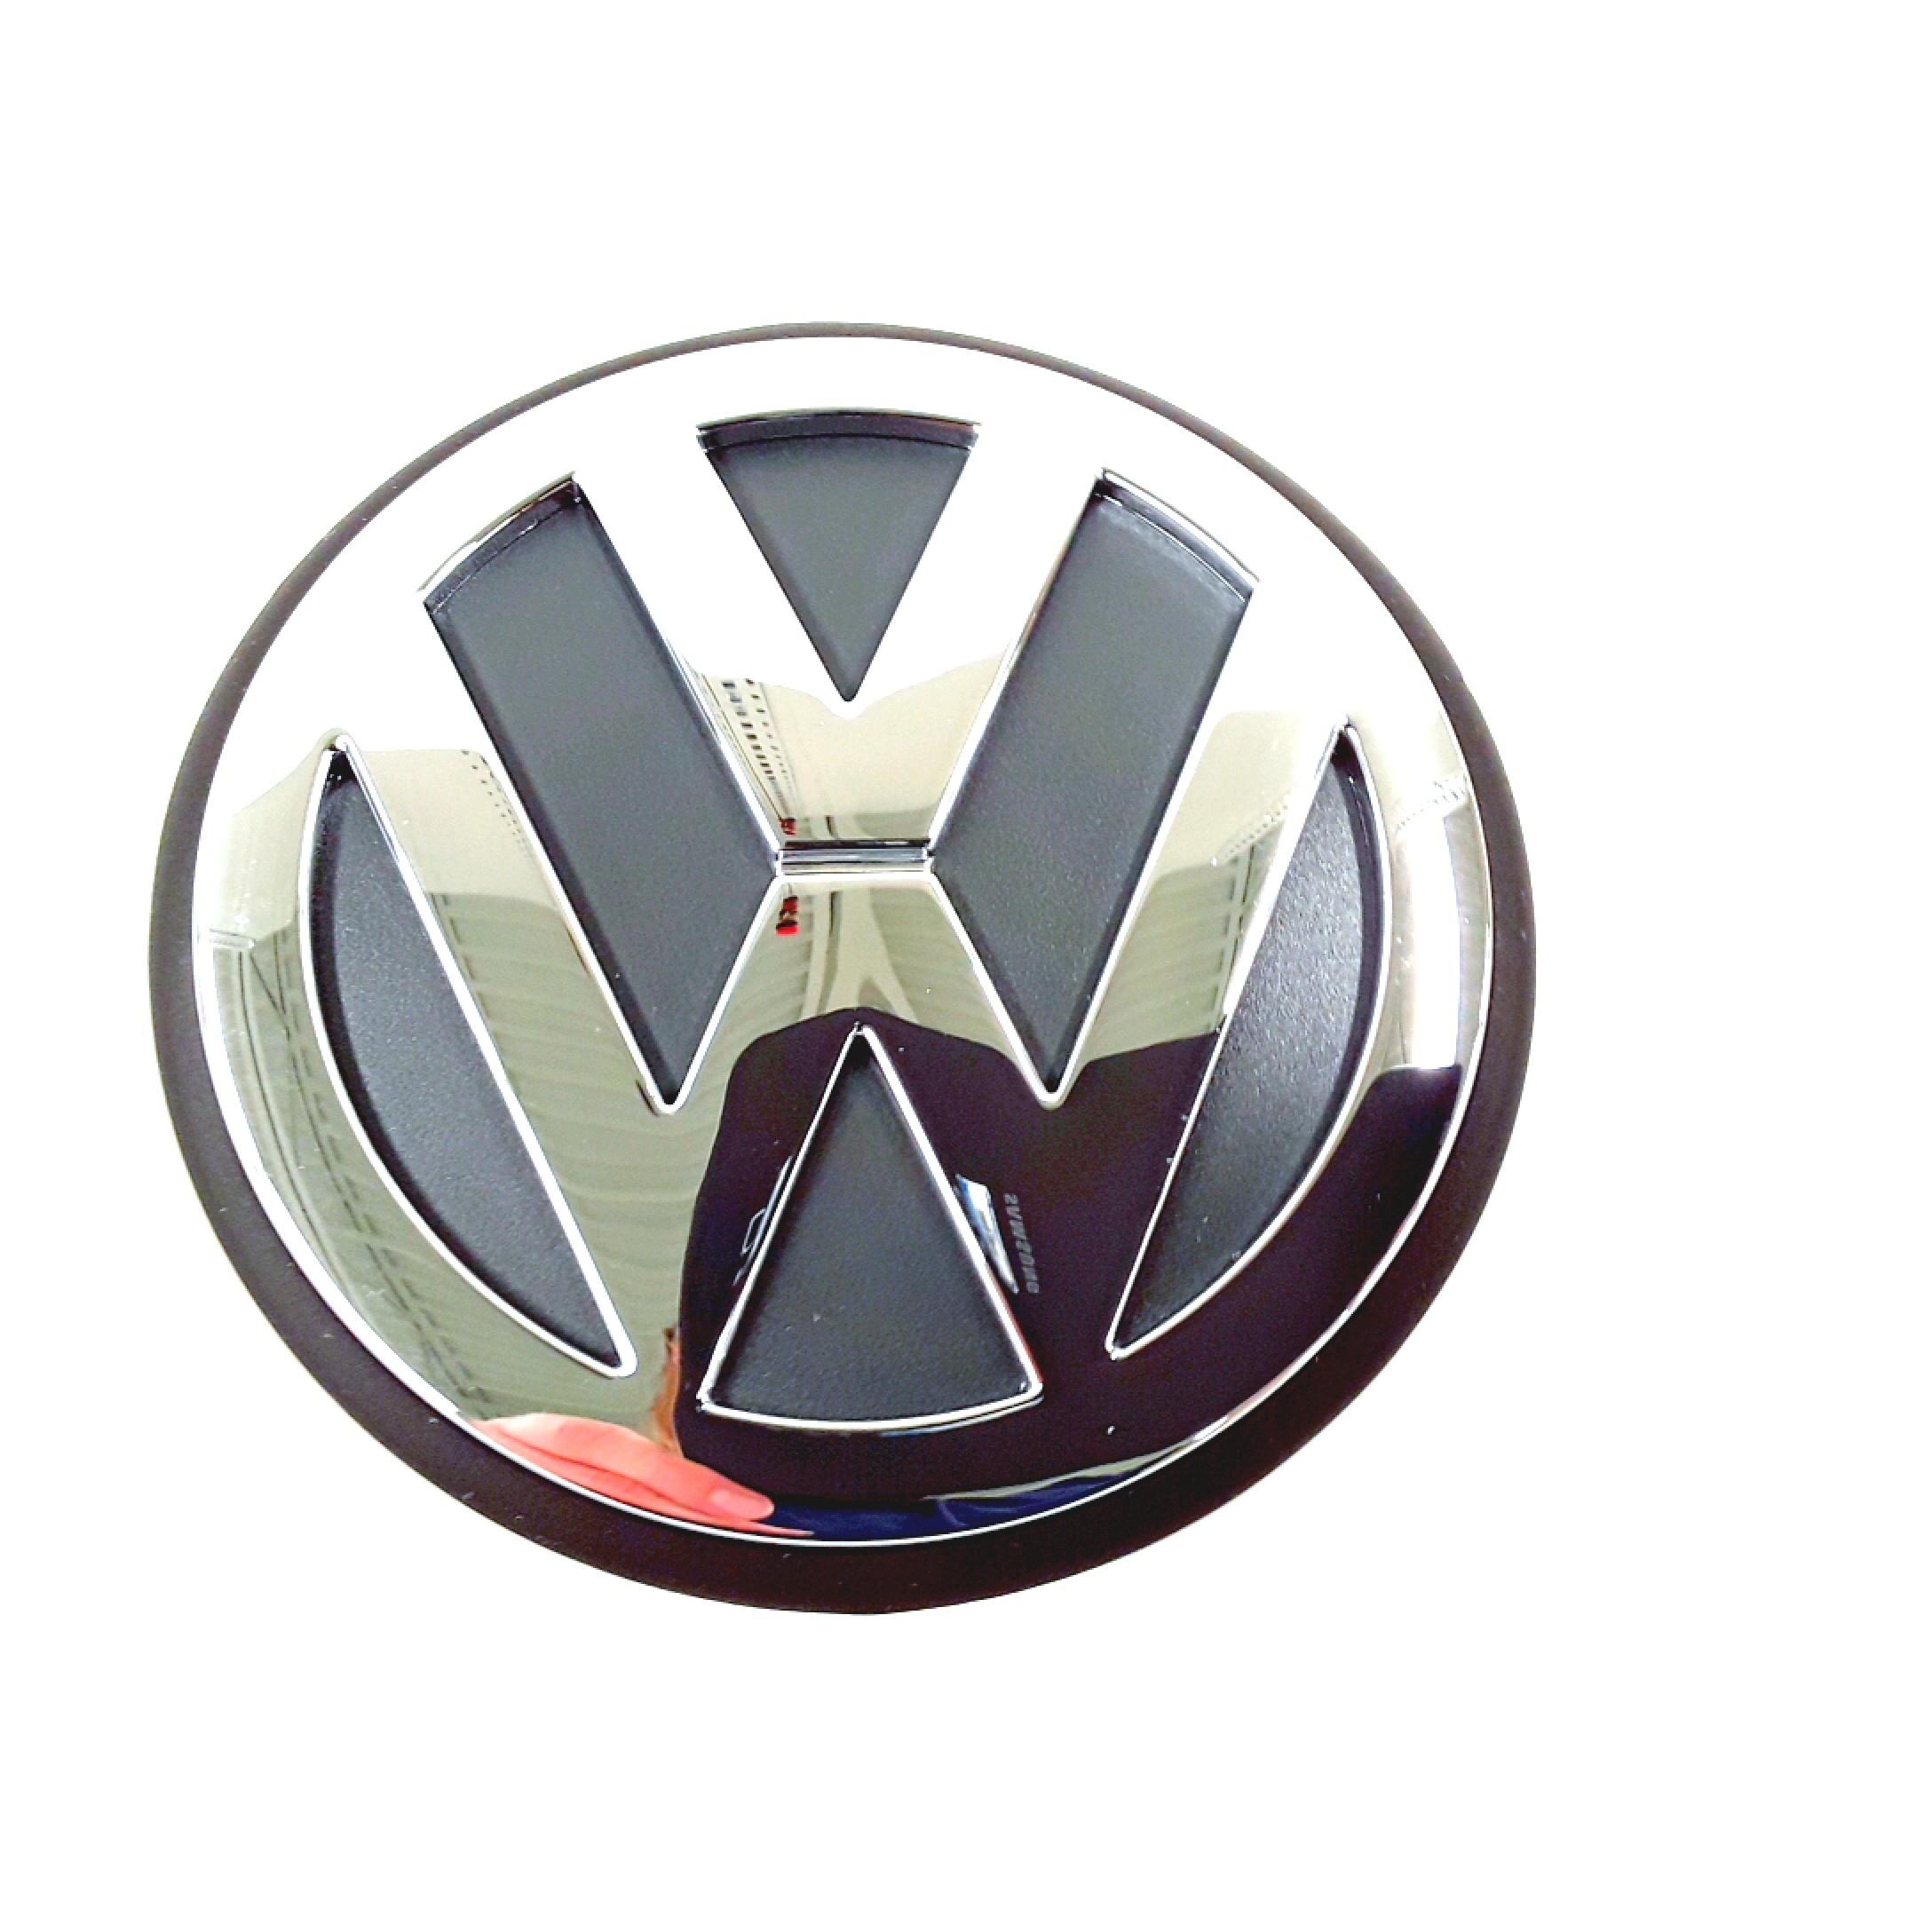 volkswagen beetle hood emblem ornament vw sign chrome 1c0853601wm7 genuine volkswagen part. Black Bedroom Furniture Sets. Home Design Ideas